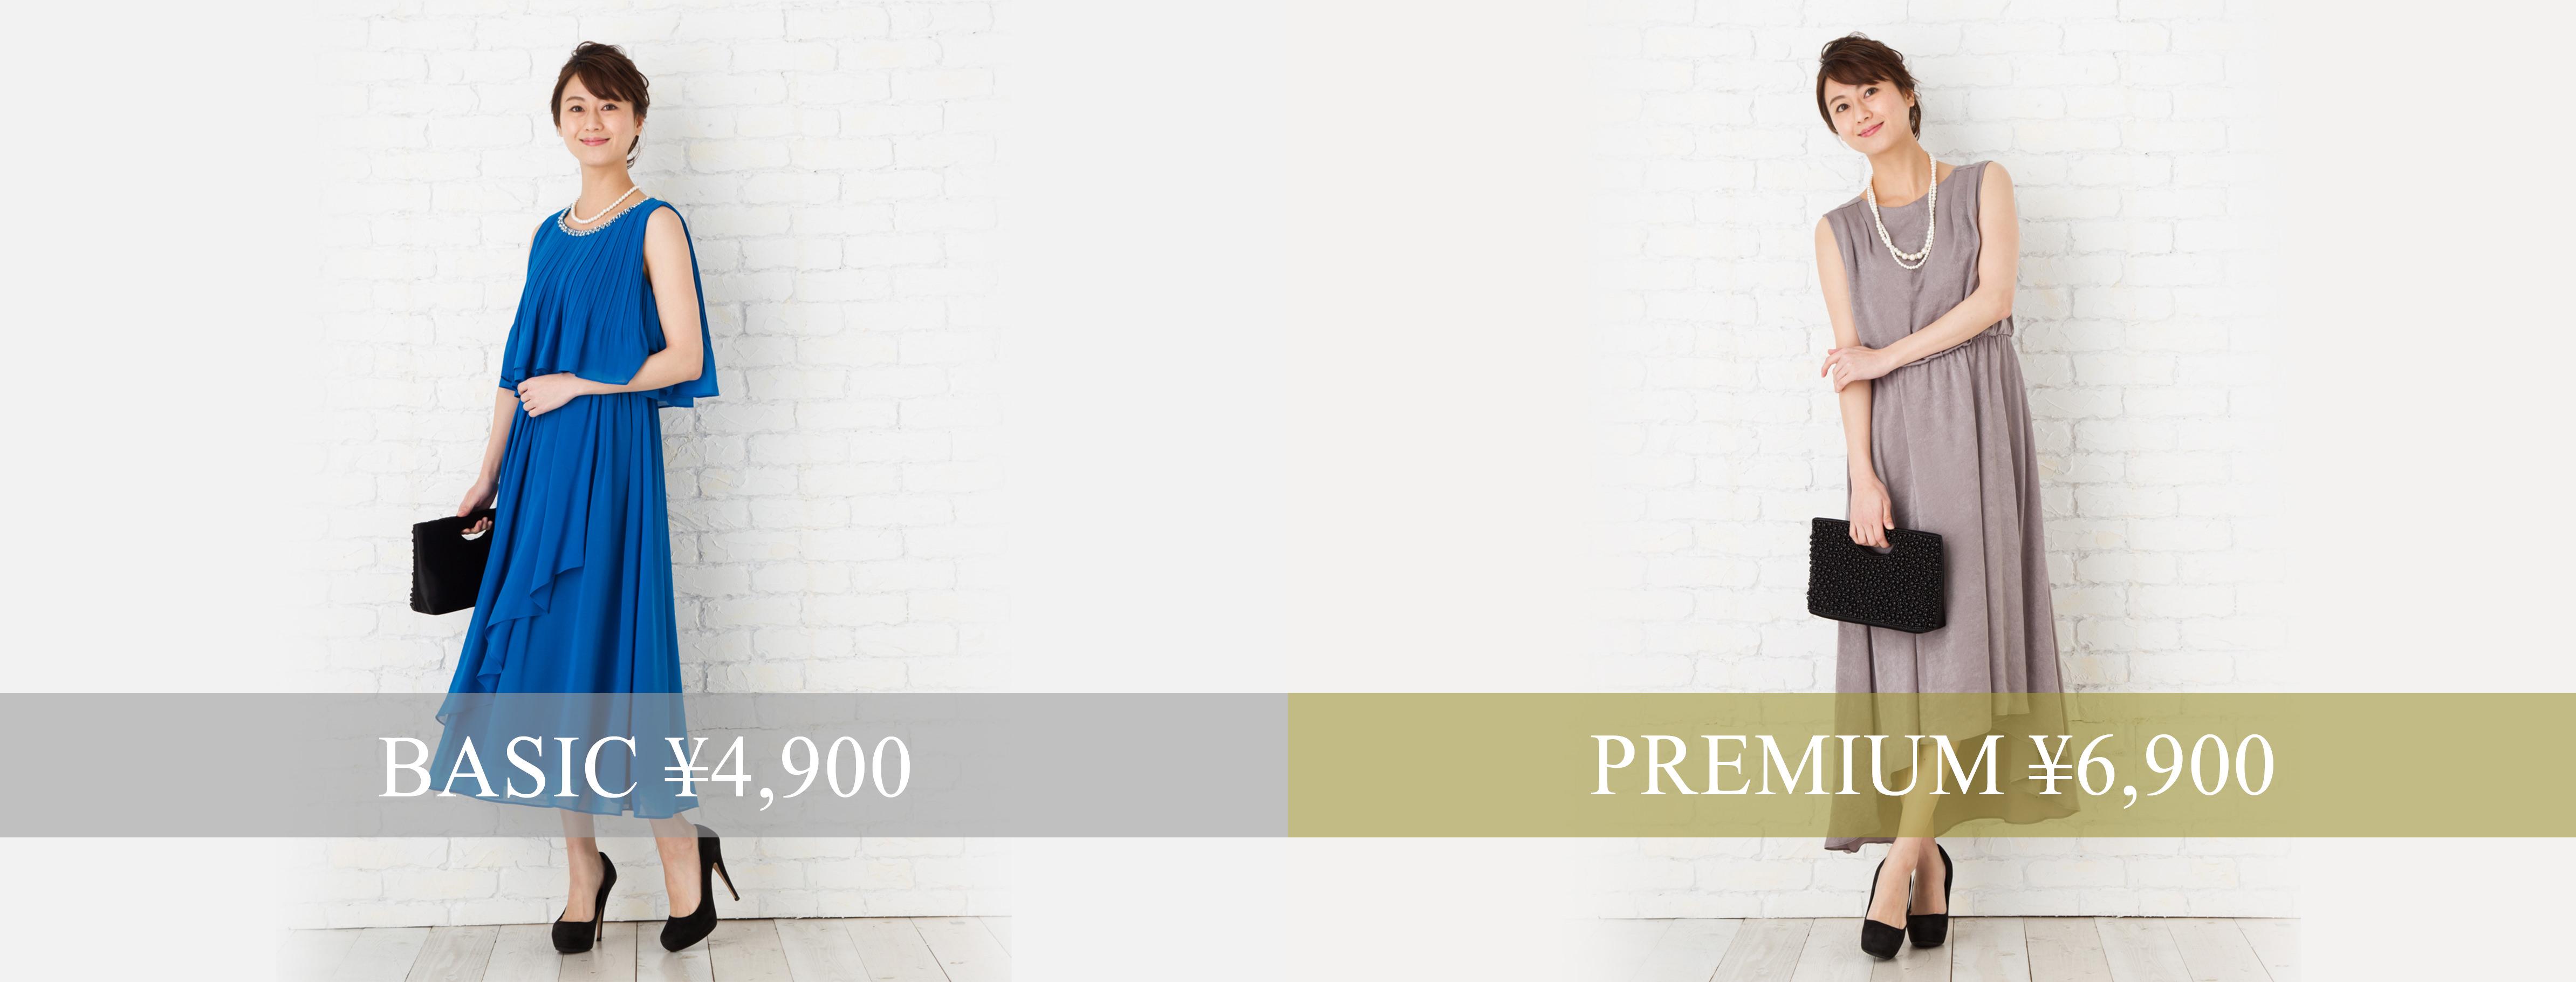 4,900円と6,900円の2ラインナップ